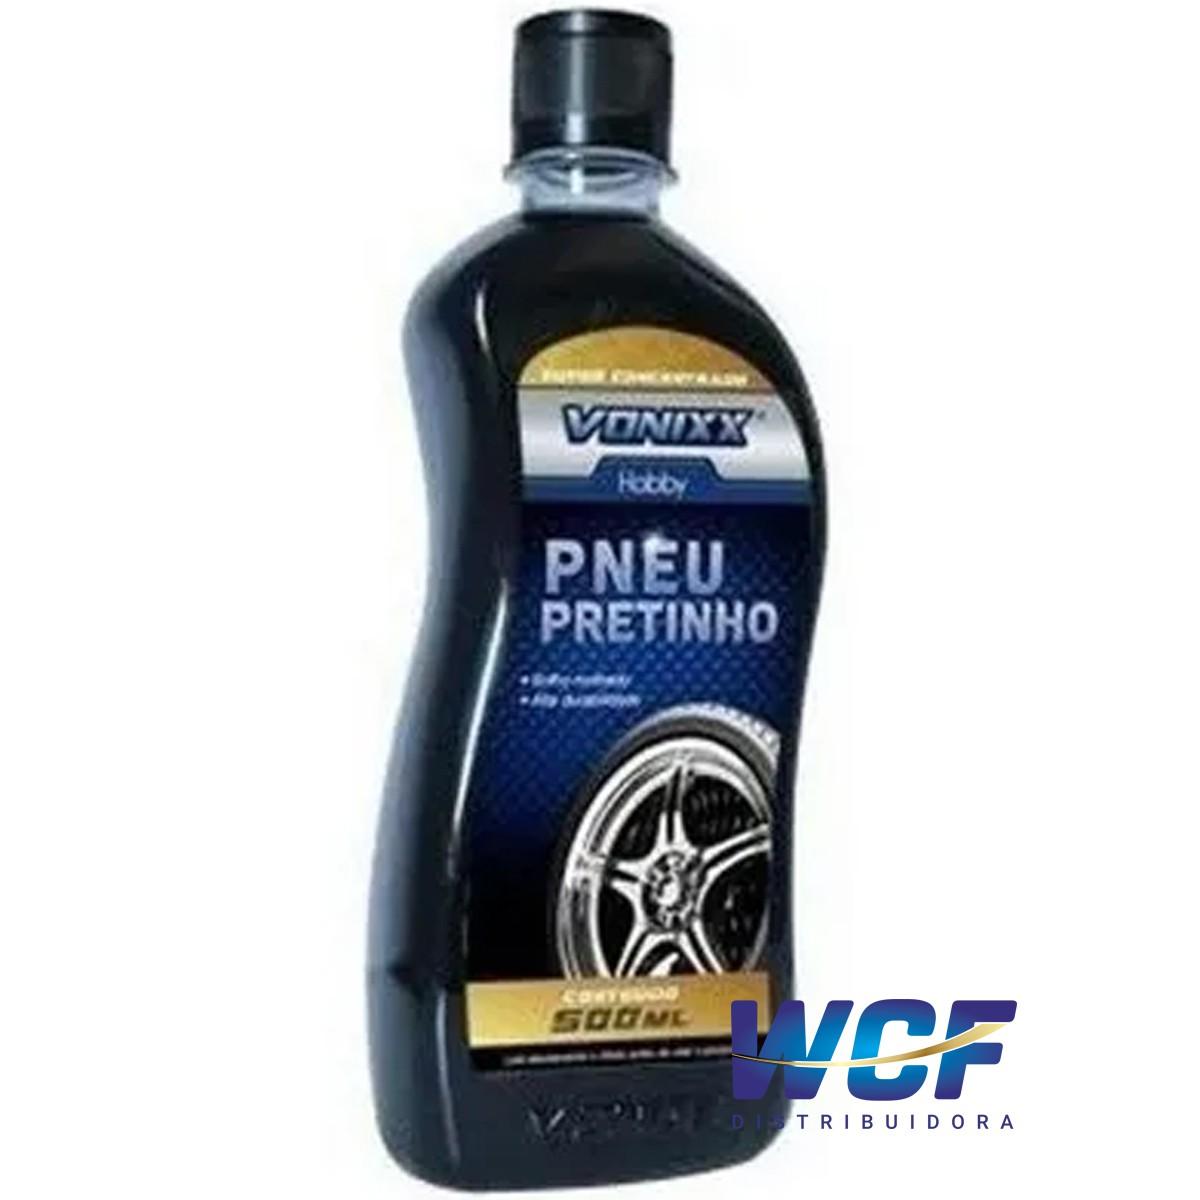 VONIXX PNEU PRETINHO 0,500 ML